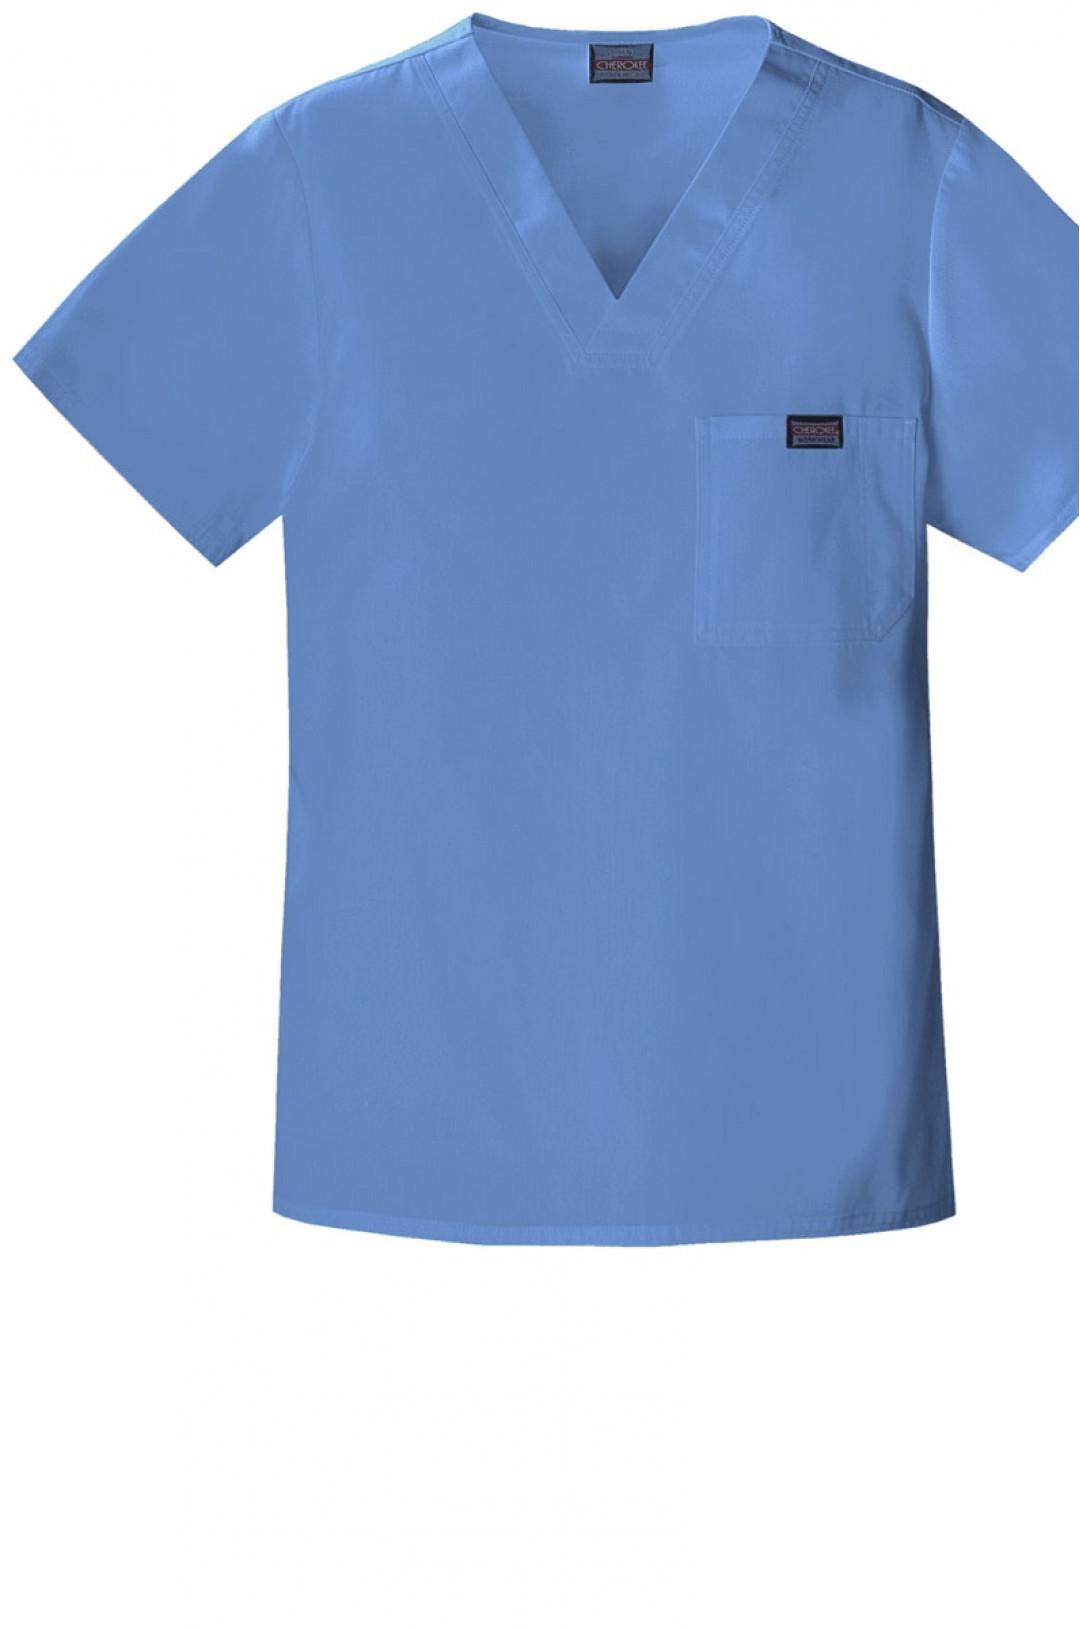 Топ медицинский мужской CHEROKEE 4789 (серо-голубой CIEW, стрейч)